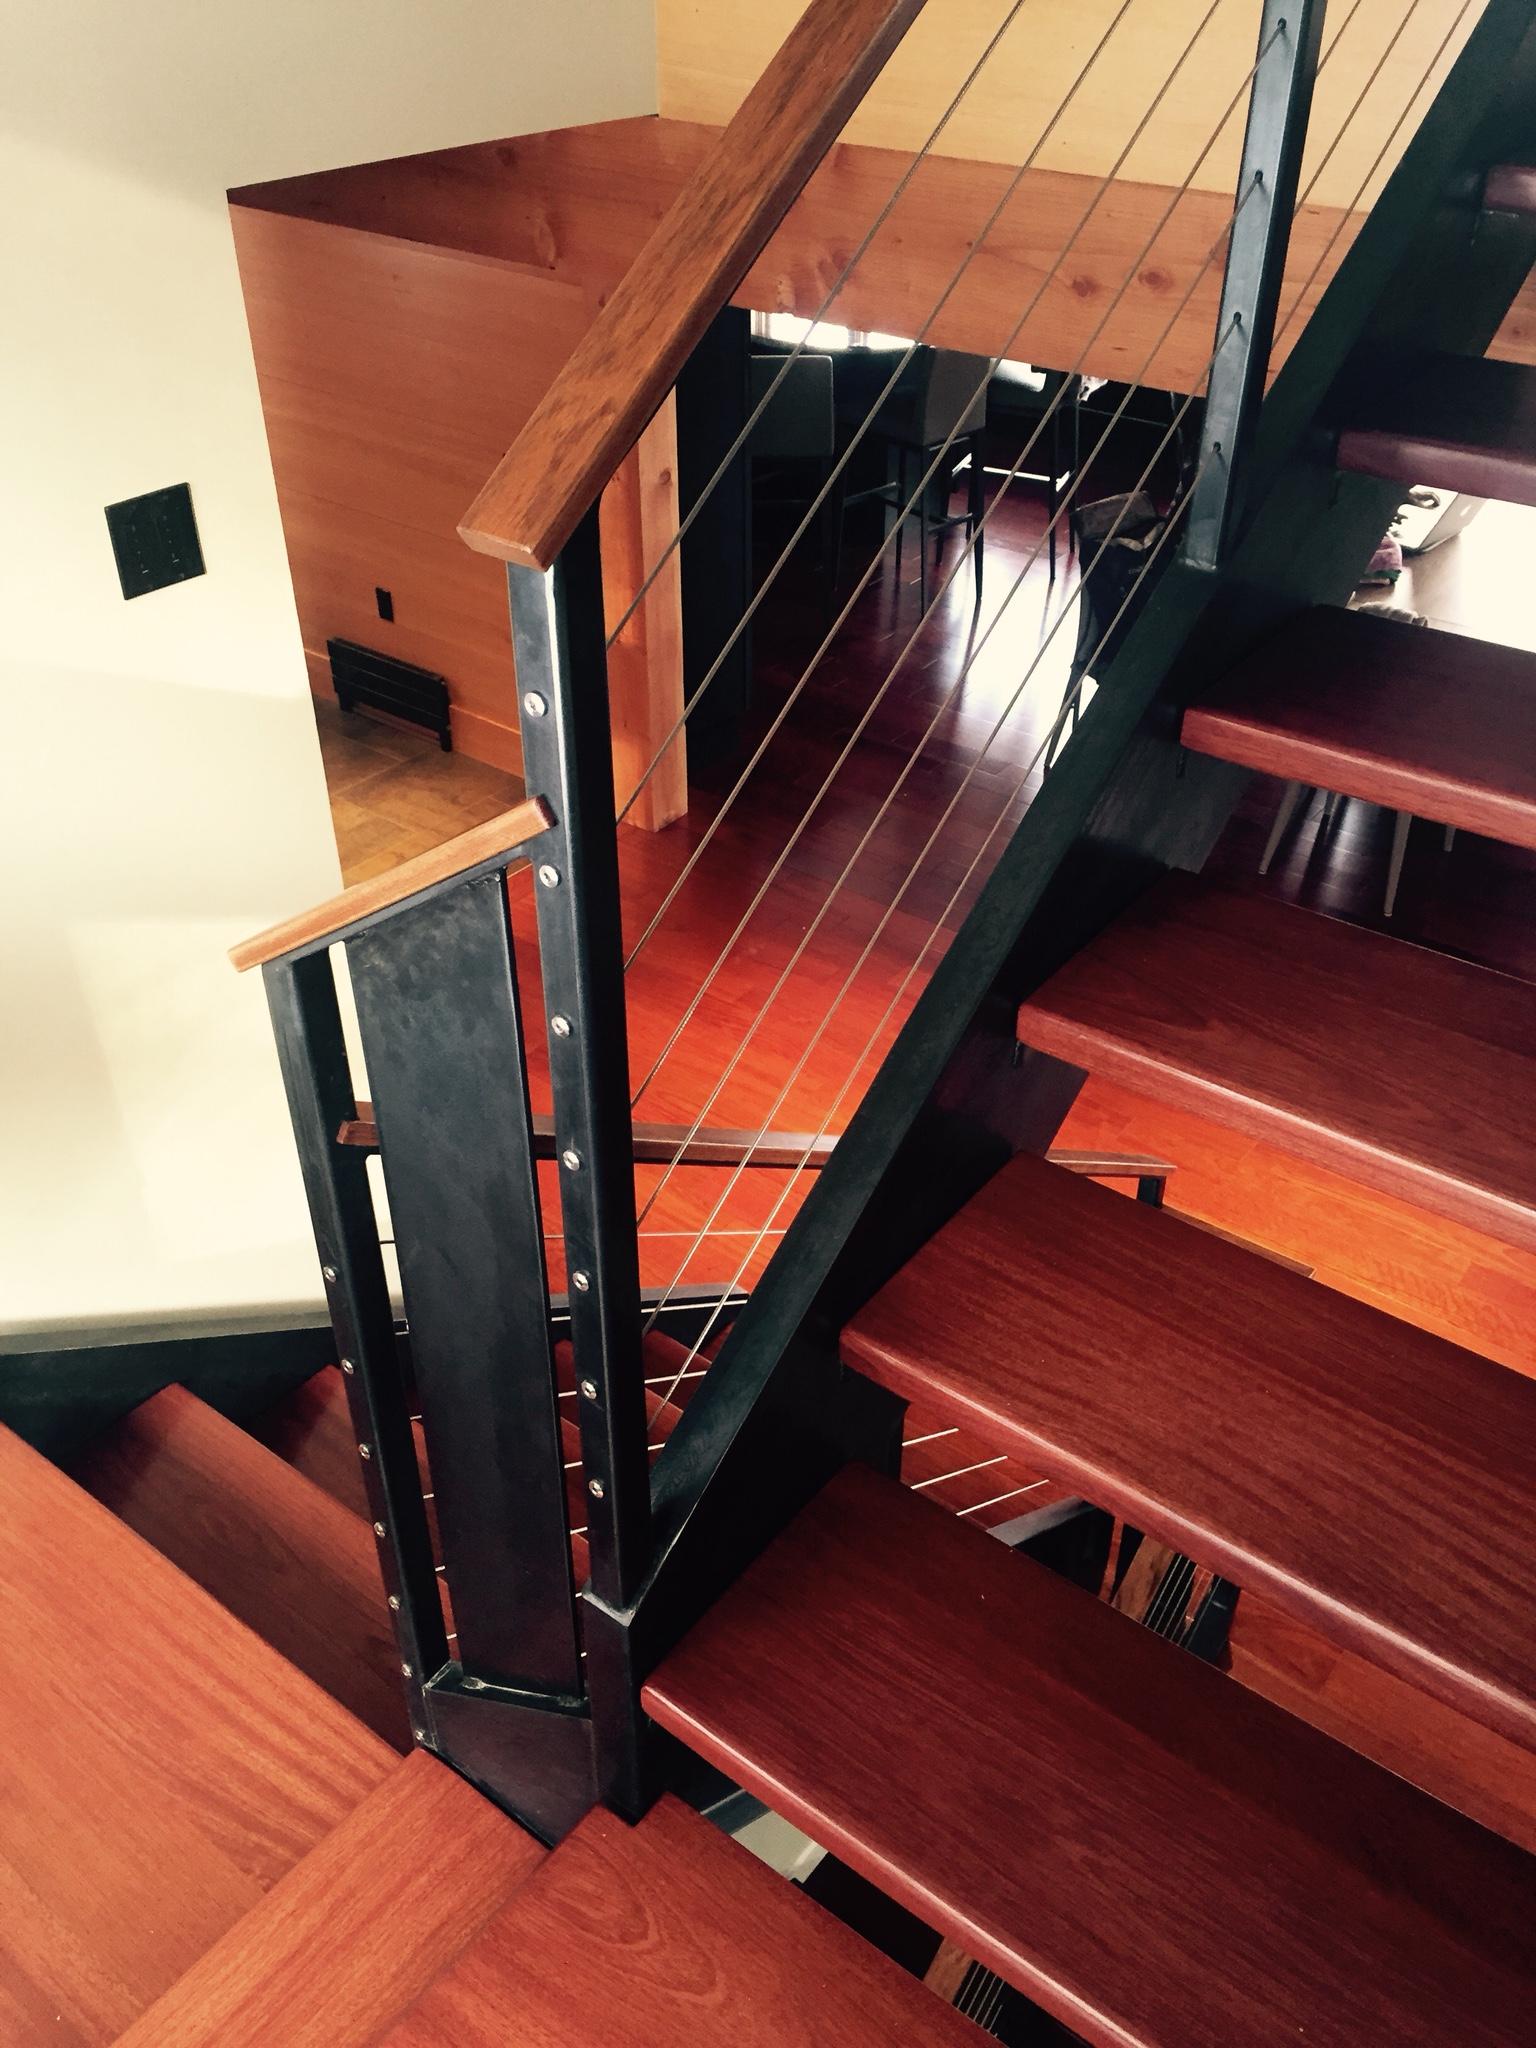 Stowe Stairs4.jpg